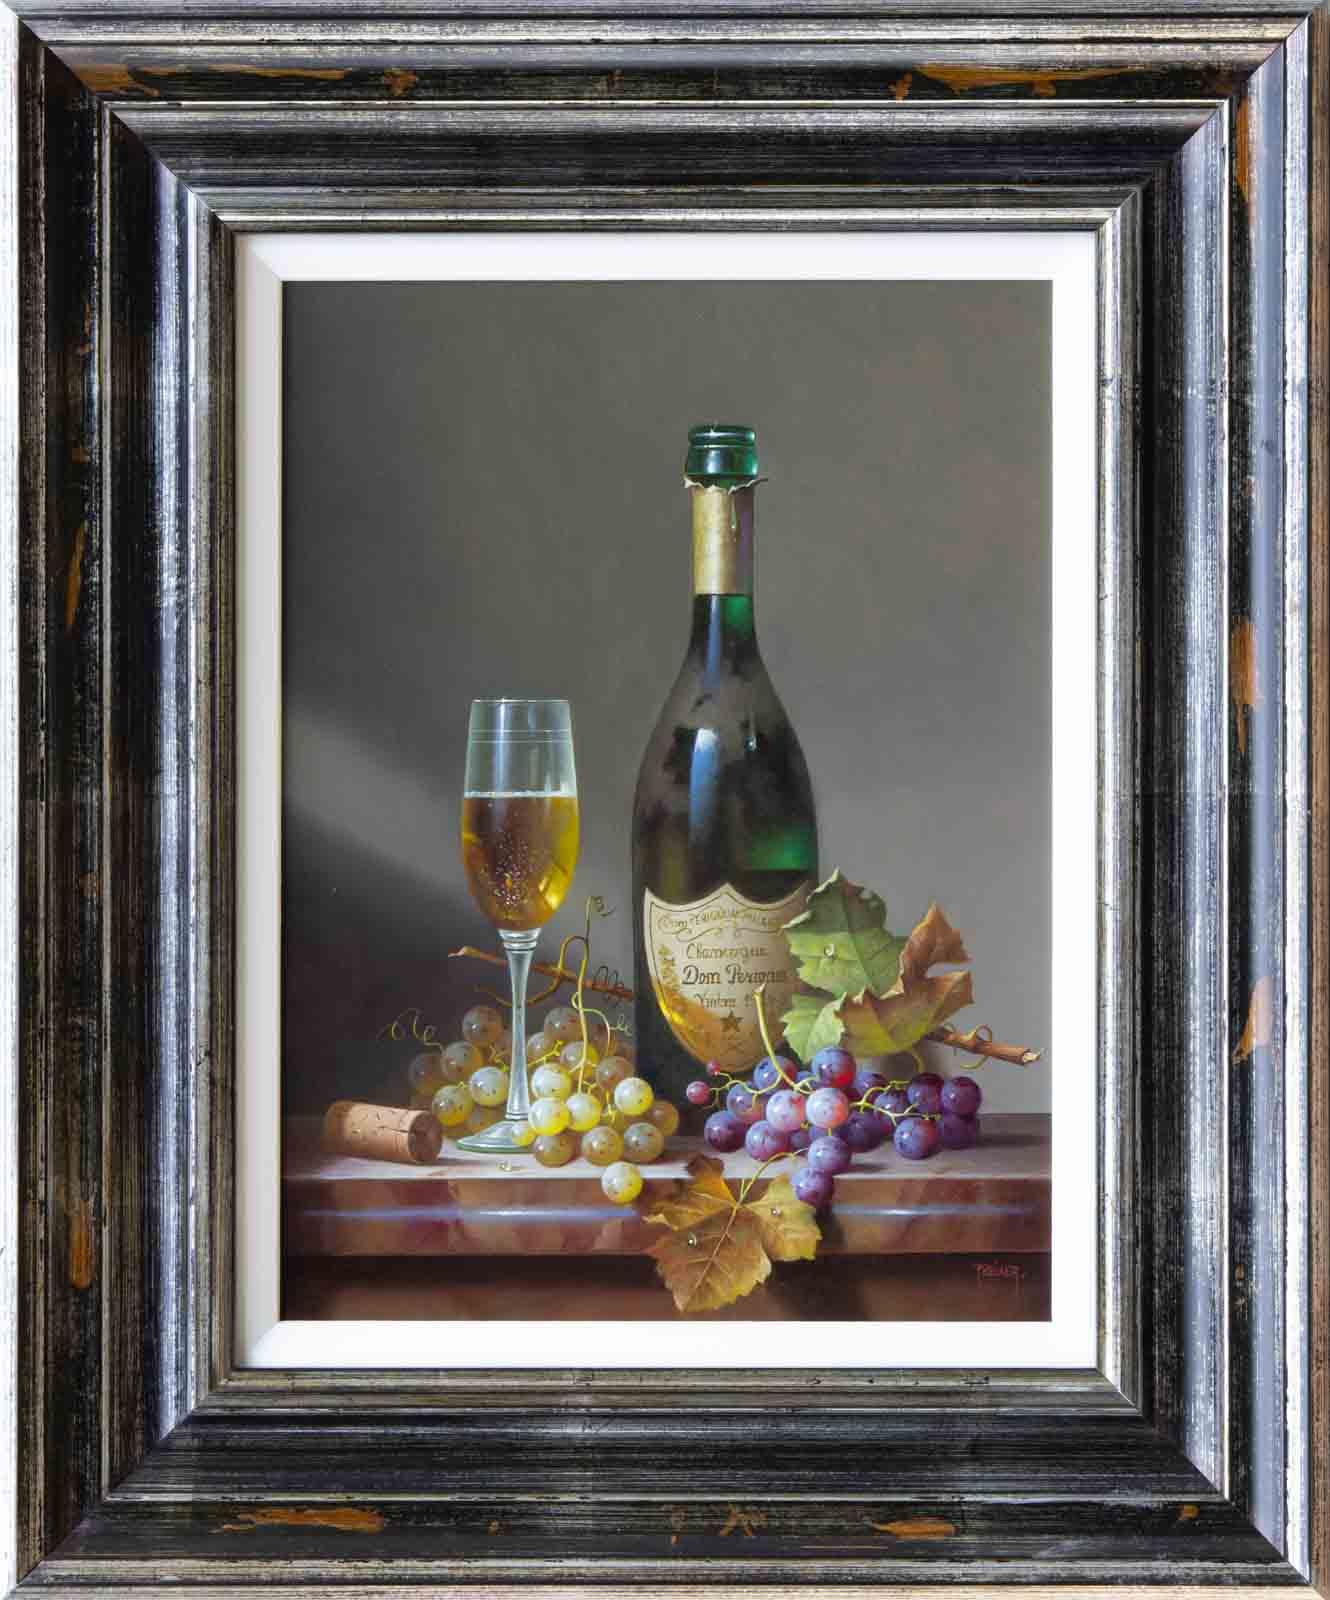 Dom Perignon Champagne, Zoltan Preiner